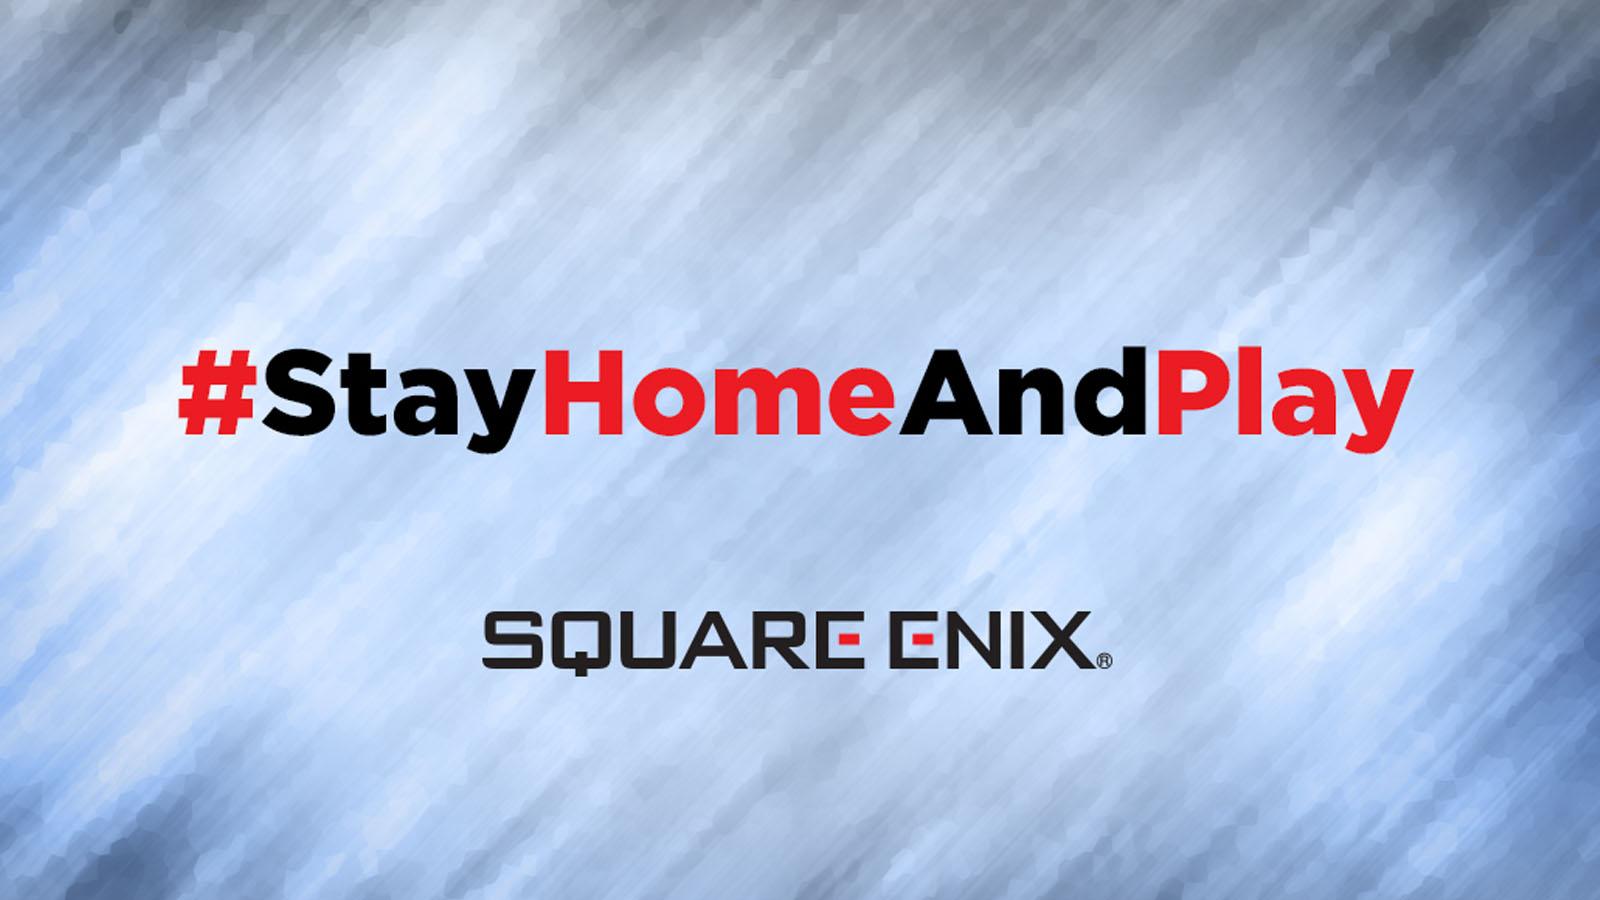 54 videogiochi al prezzo di 1: l'iniziativa benefica di Square Enix thumbnail